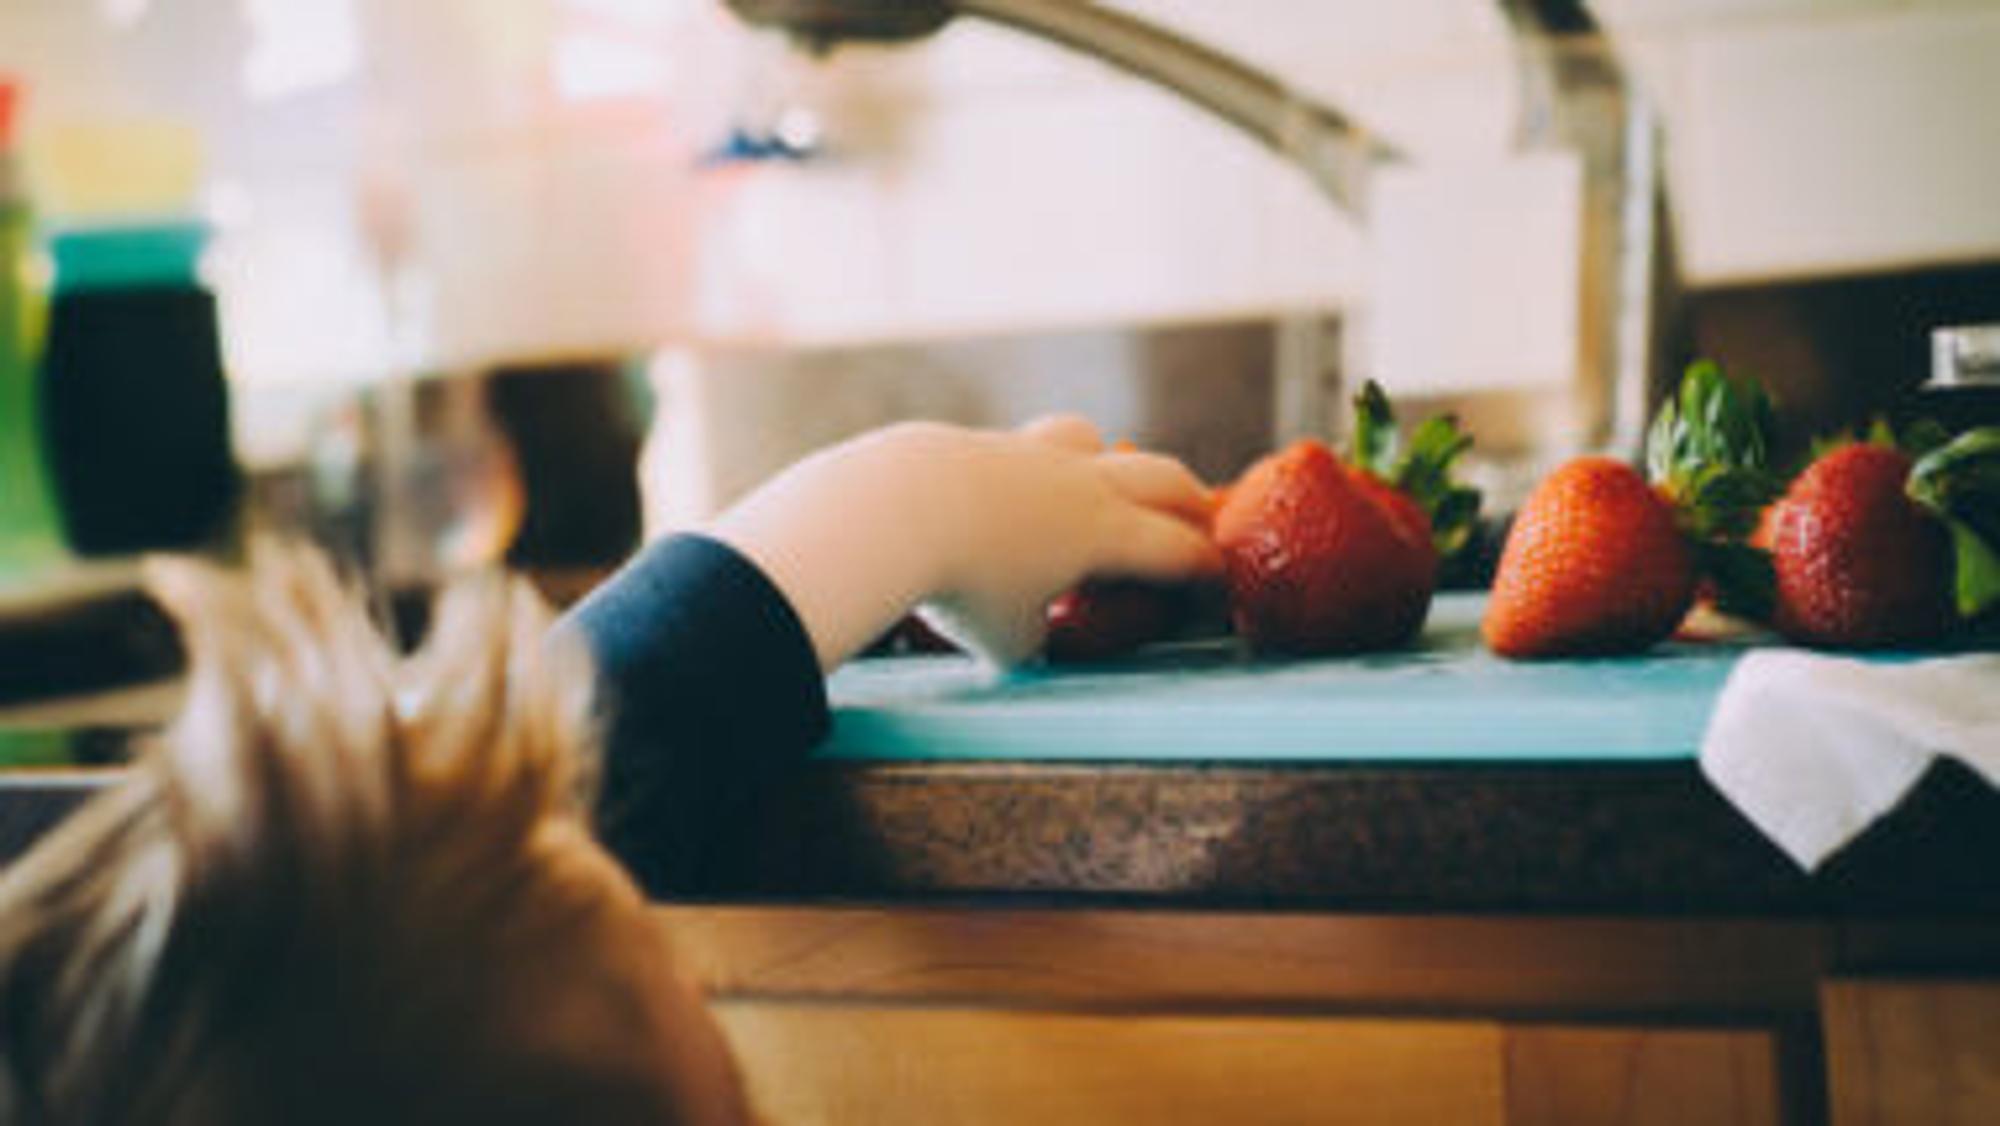 Kind, das nach Erdbeeren greift